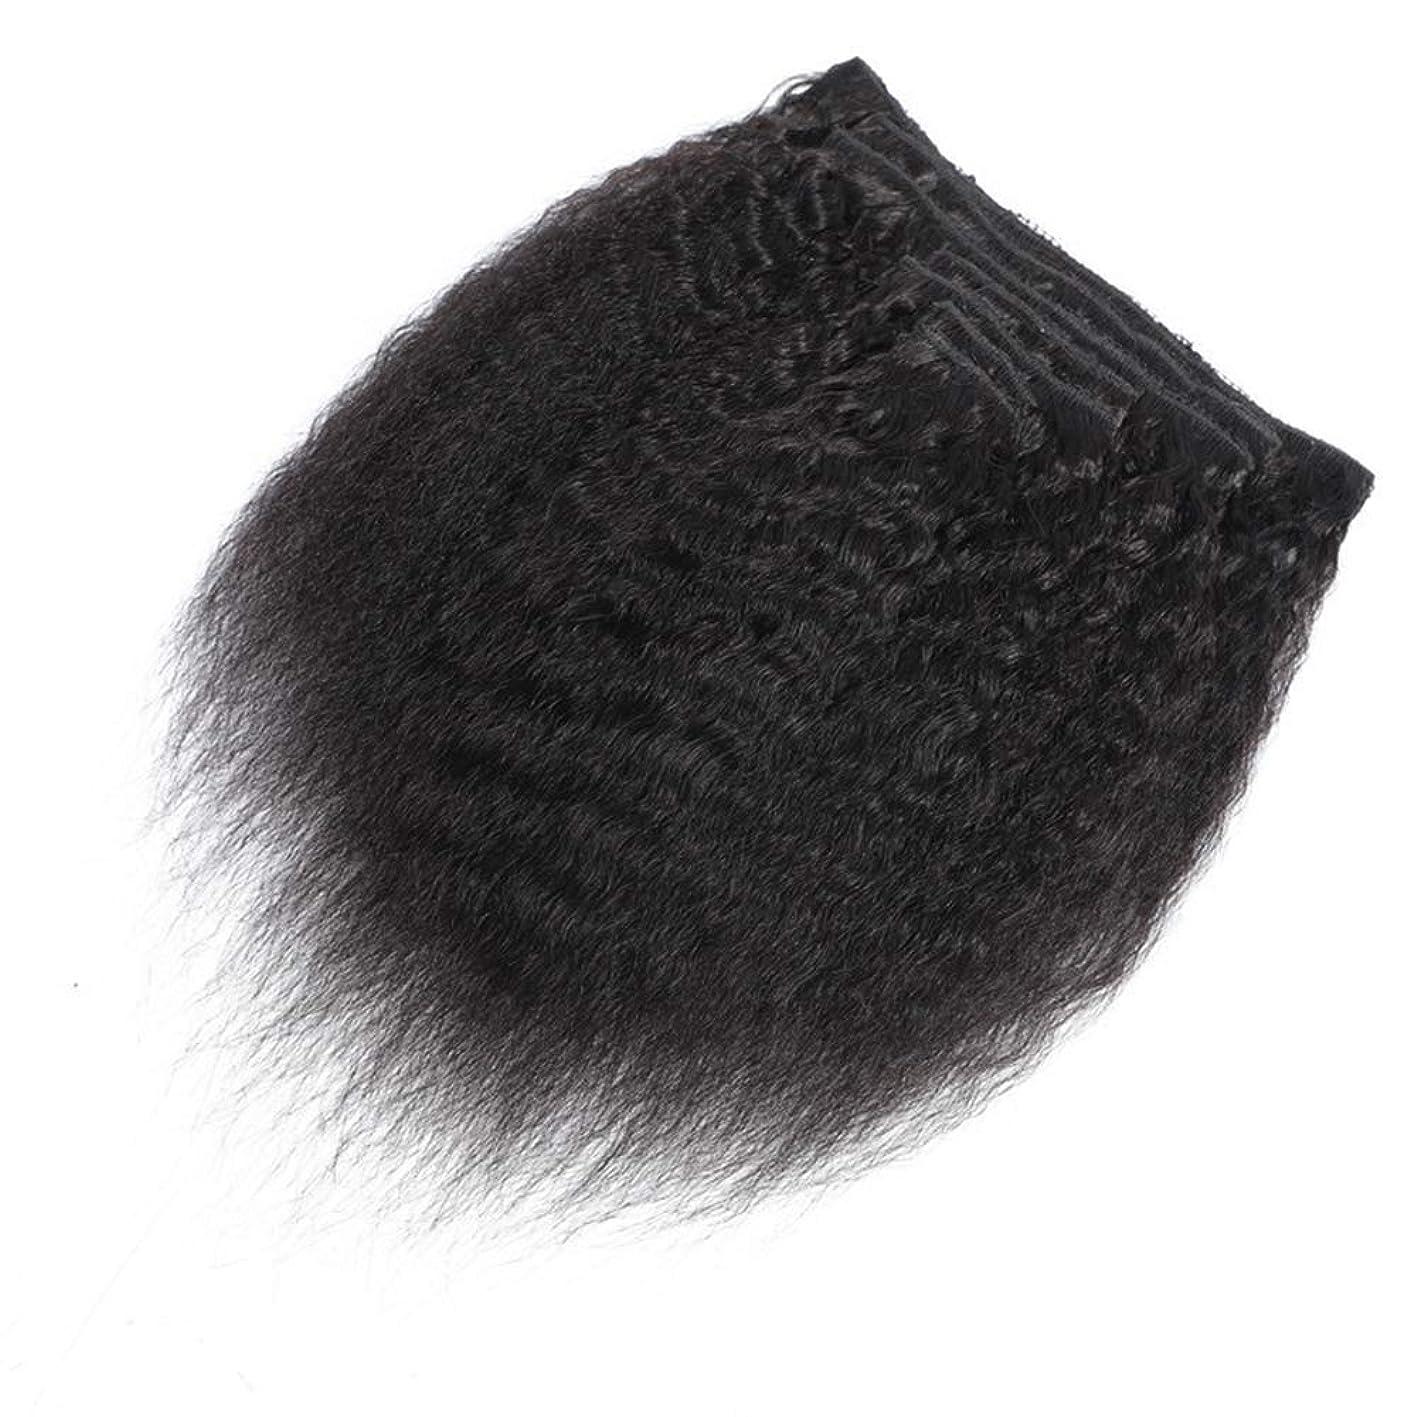 事前に王室ライター100%リアルレミーの人間の毛髪延長ストレート7ピース/パッケージ標準横糸の女性フルヘッドクリップ